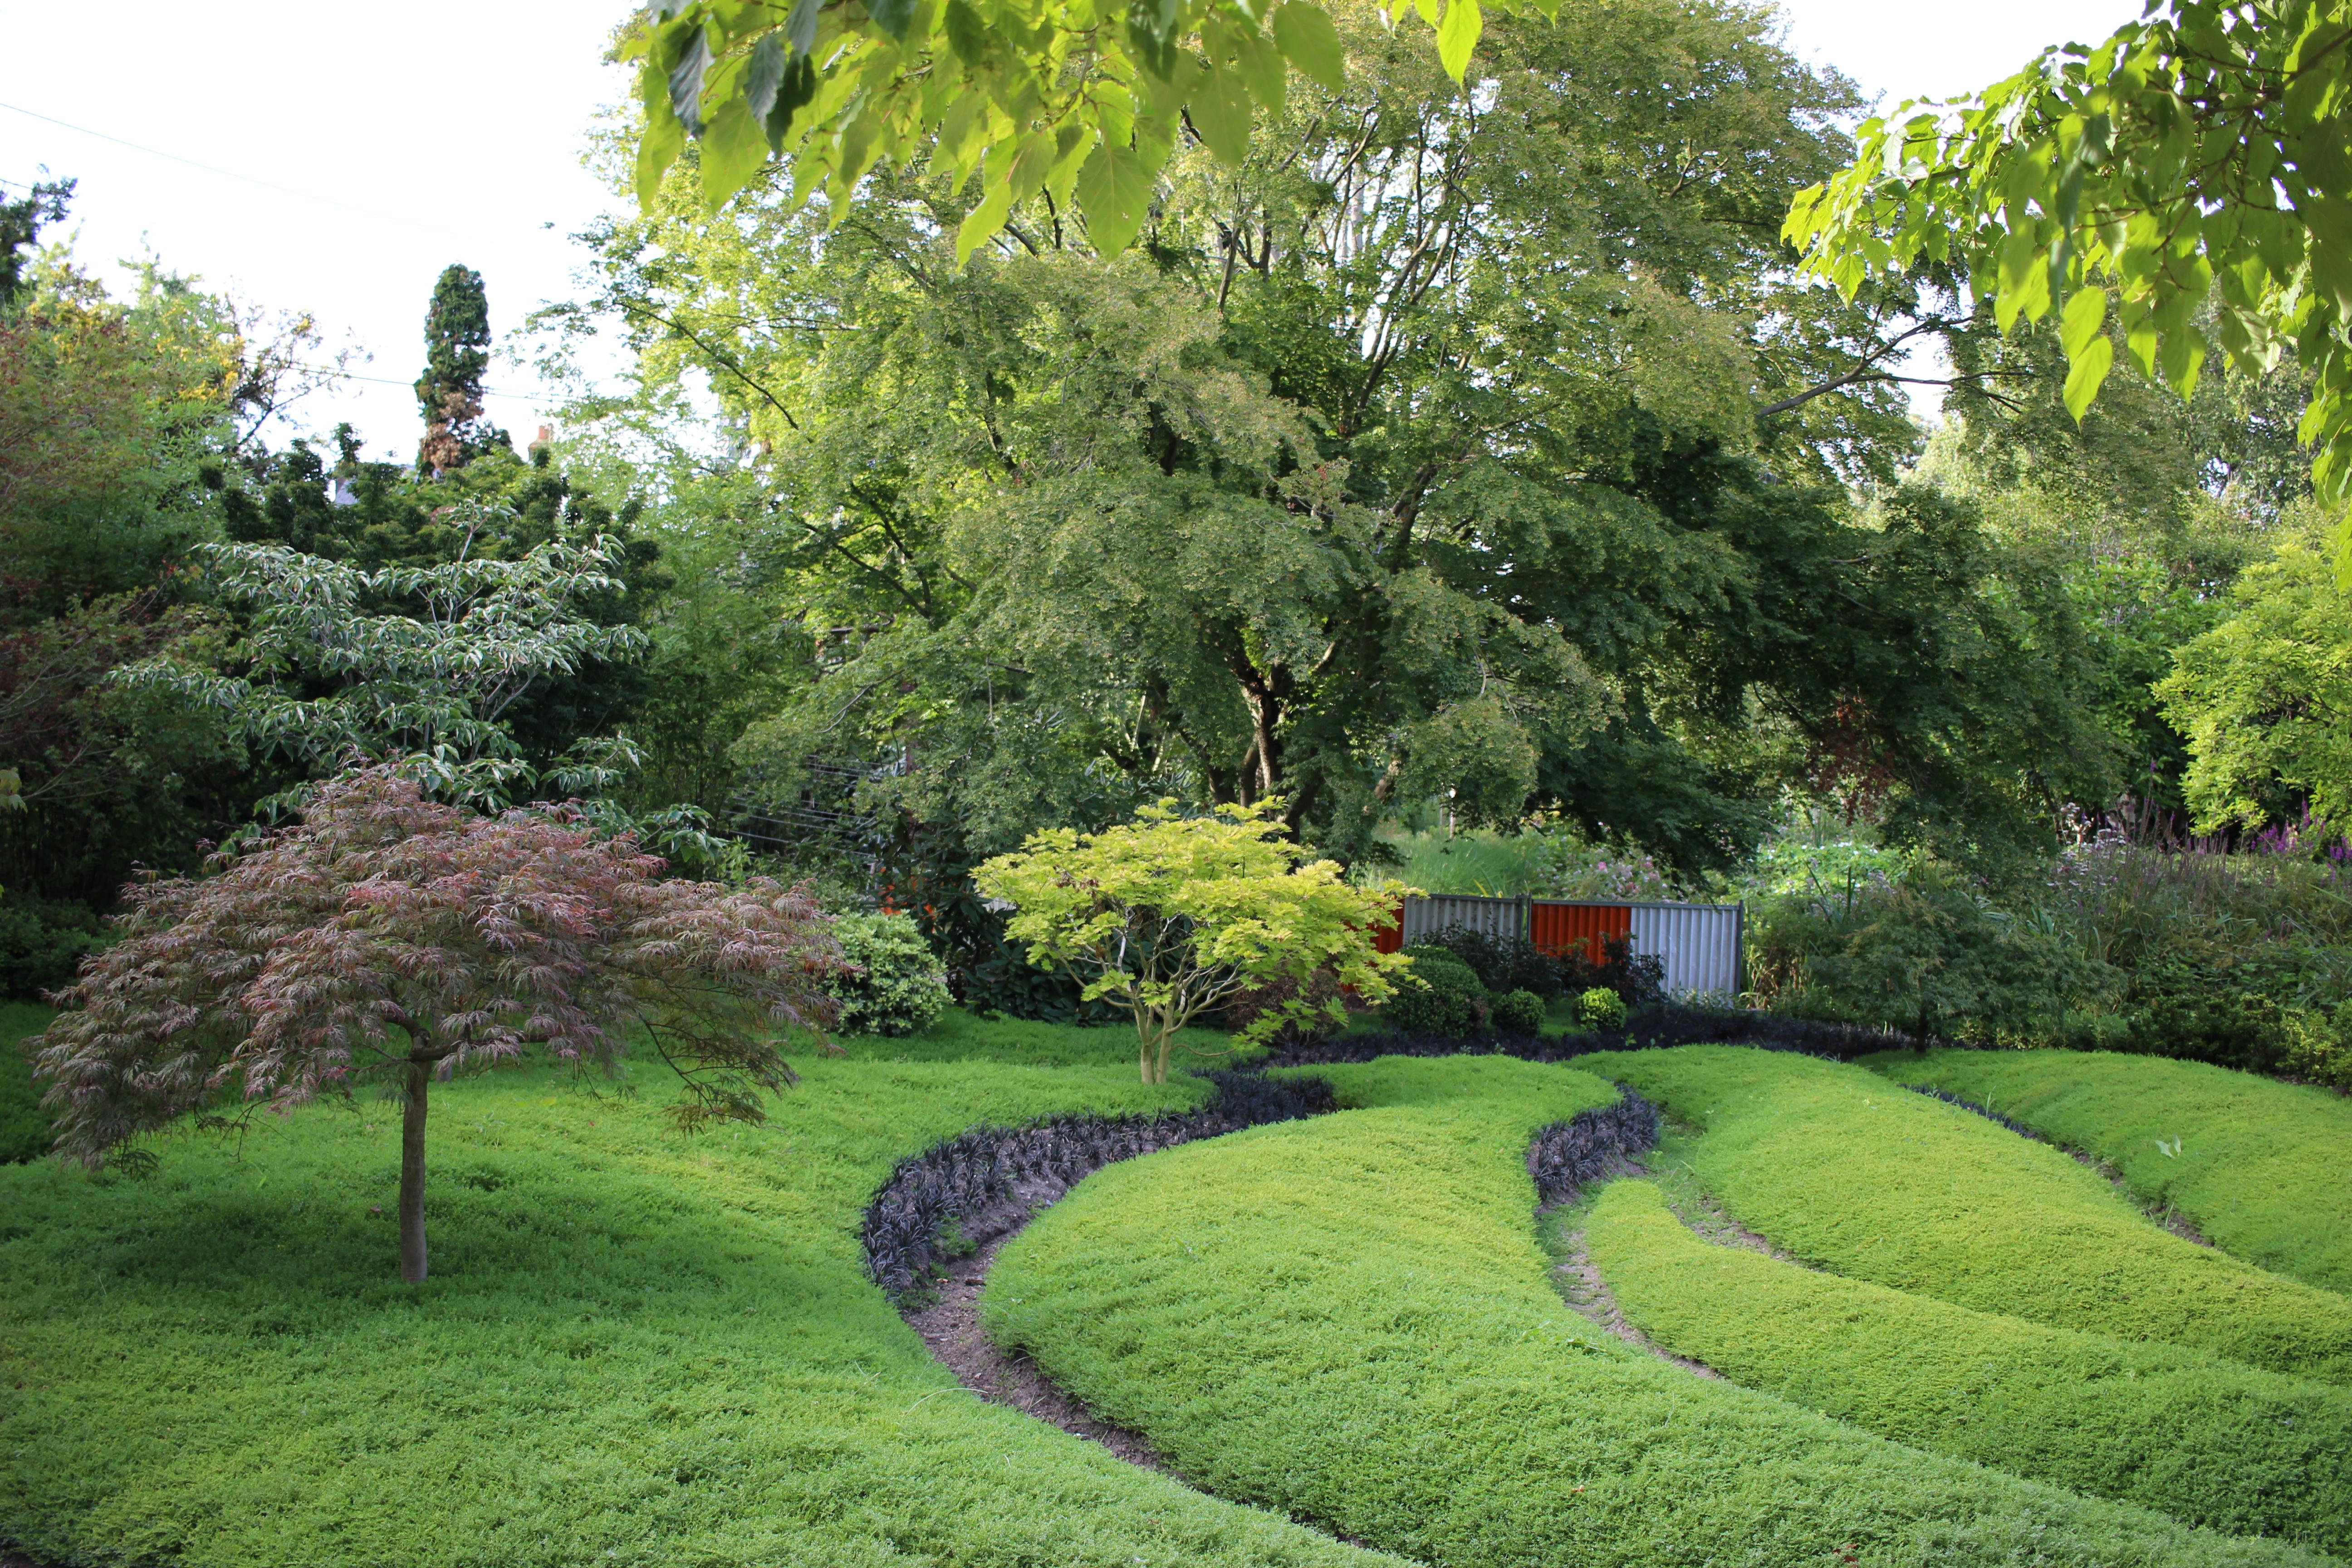 filetours paysage jardin botanique 02jpg - Jardin Botanique De Tours